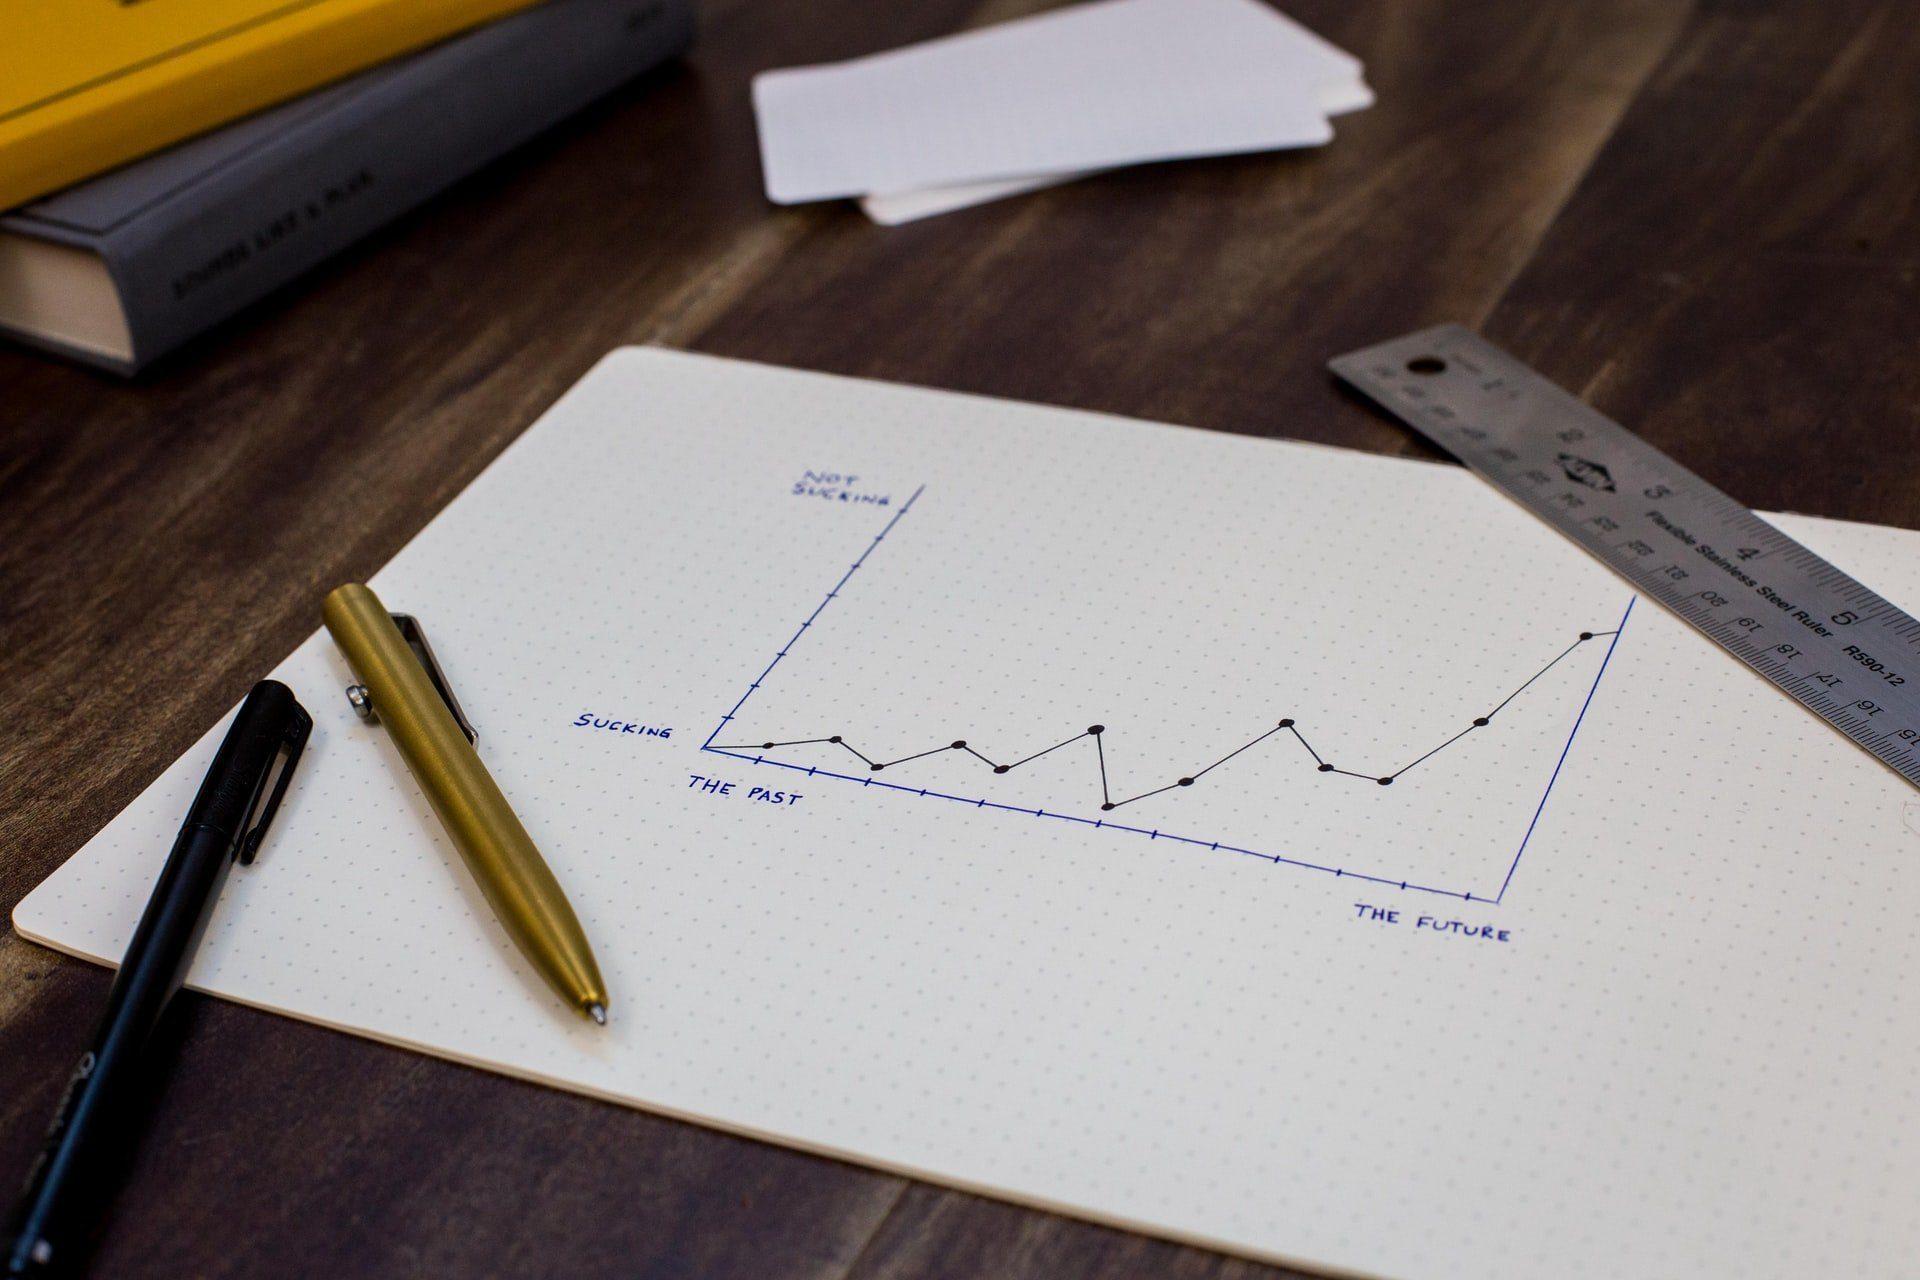 Produtividade no home office: aprenda como aumentar